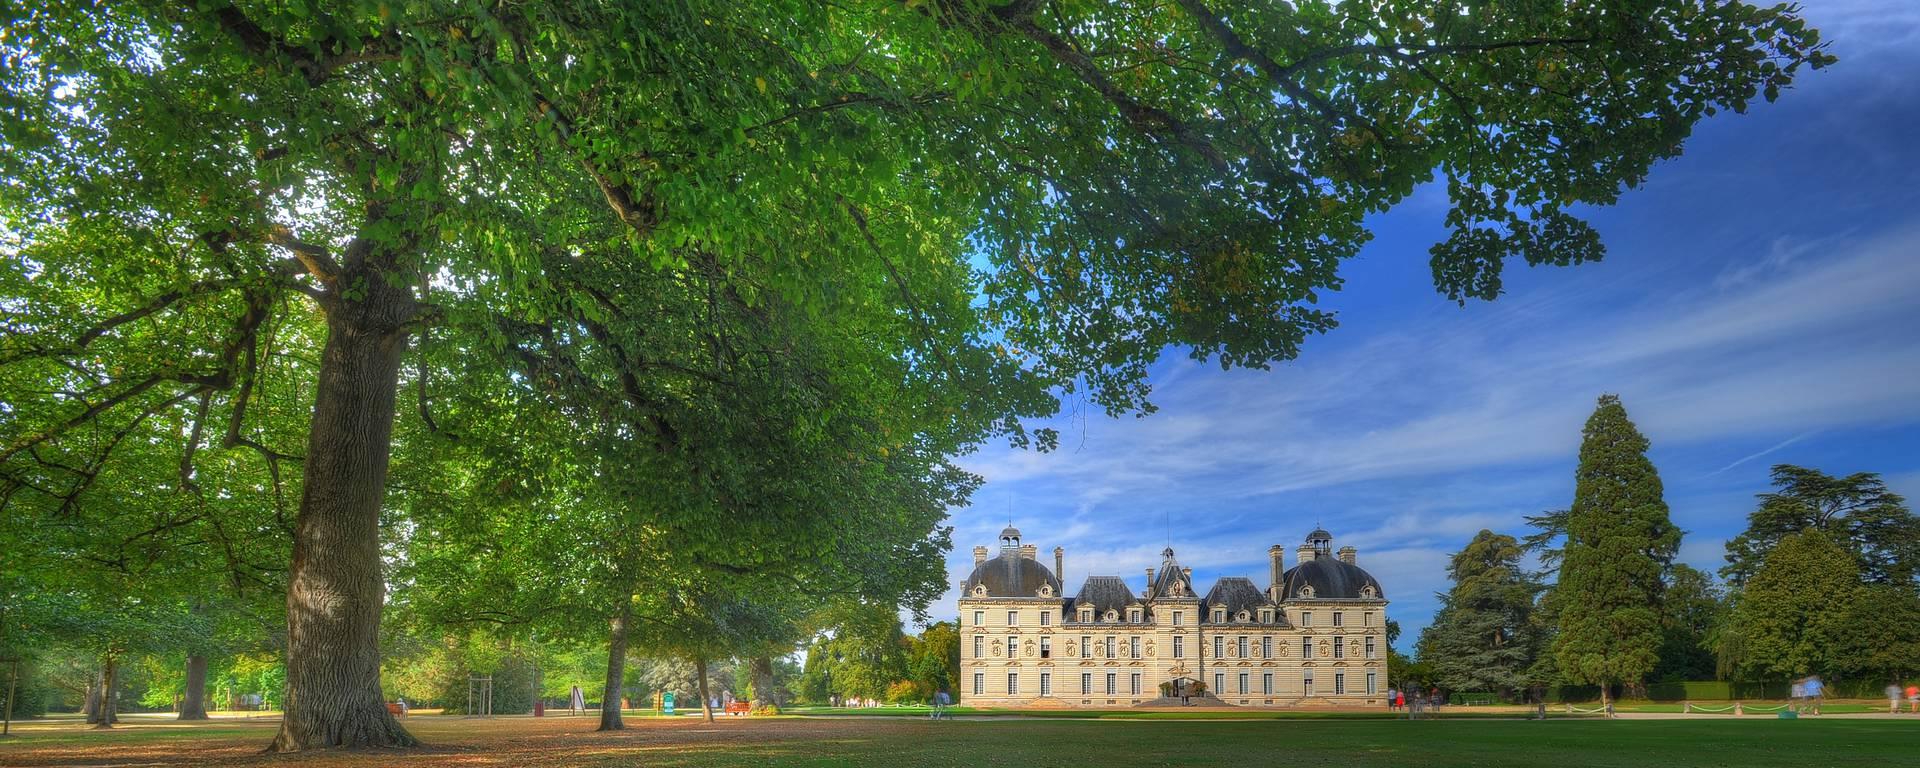 Schloss Cheverny vom Park aus